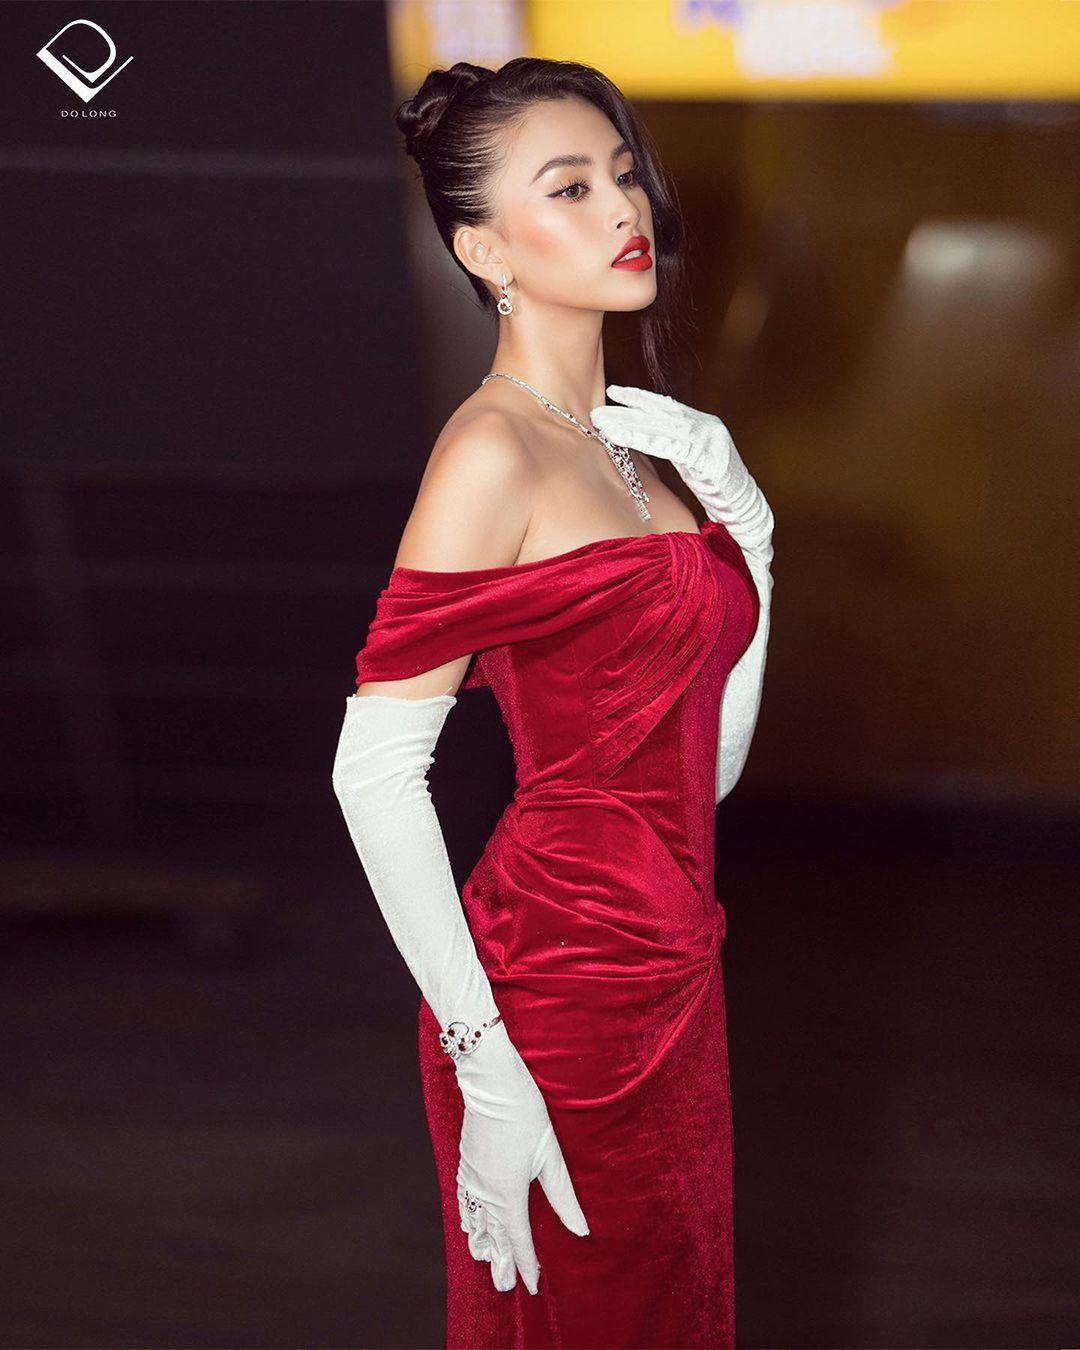 Xu hướng áo corset trở lại vì phim Netflix Bridgerton 7